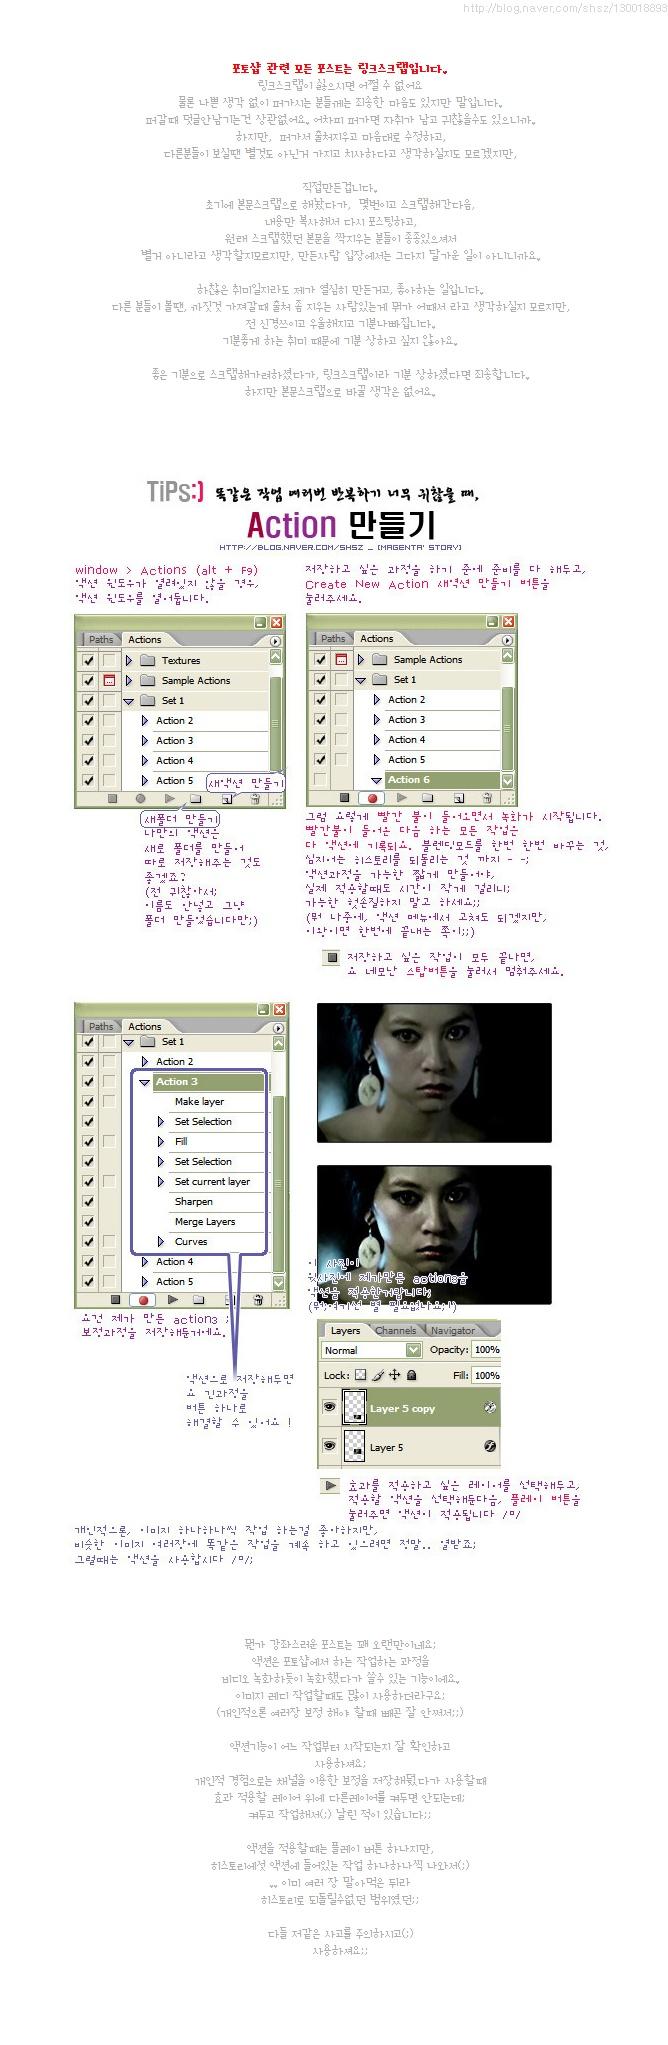 2010-08-05 15;13;24.jpg